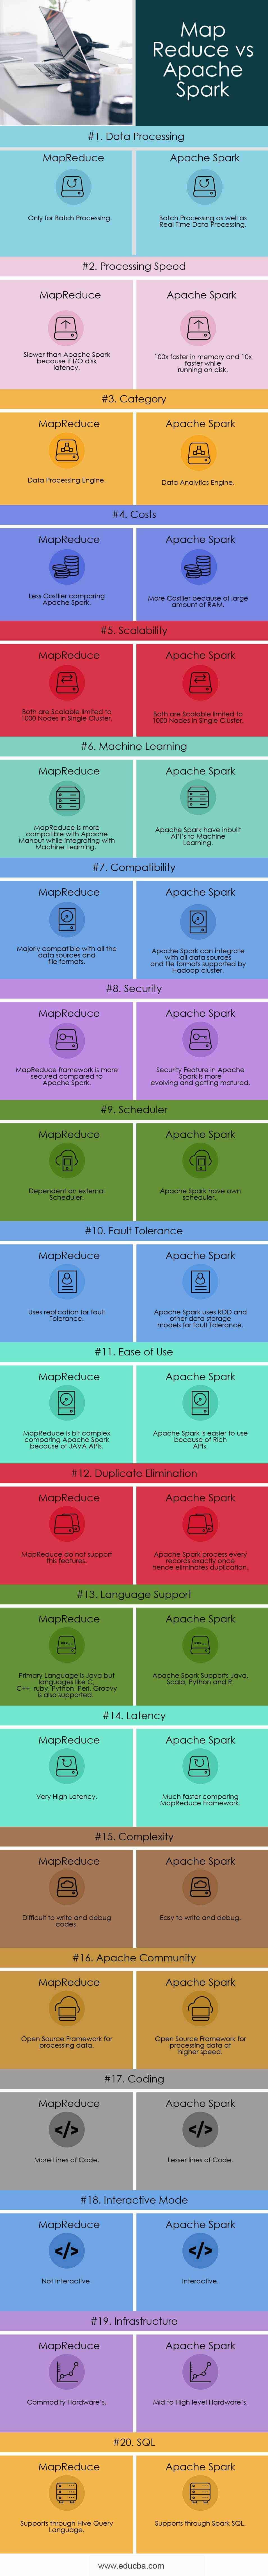 Map-Reduce-vs-Apache-Spark